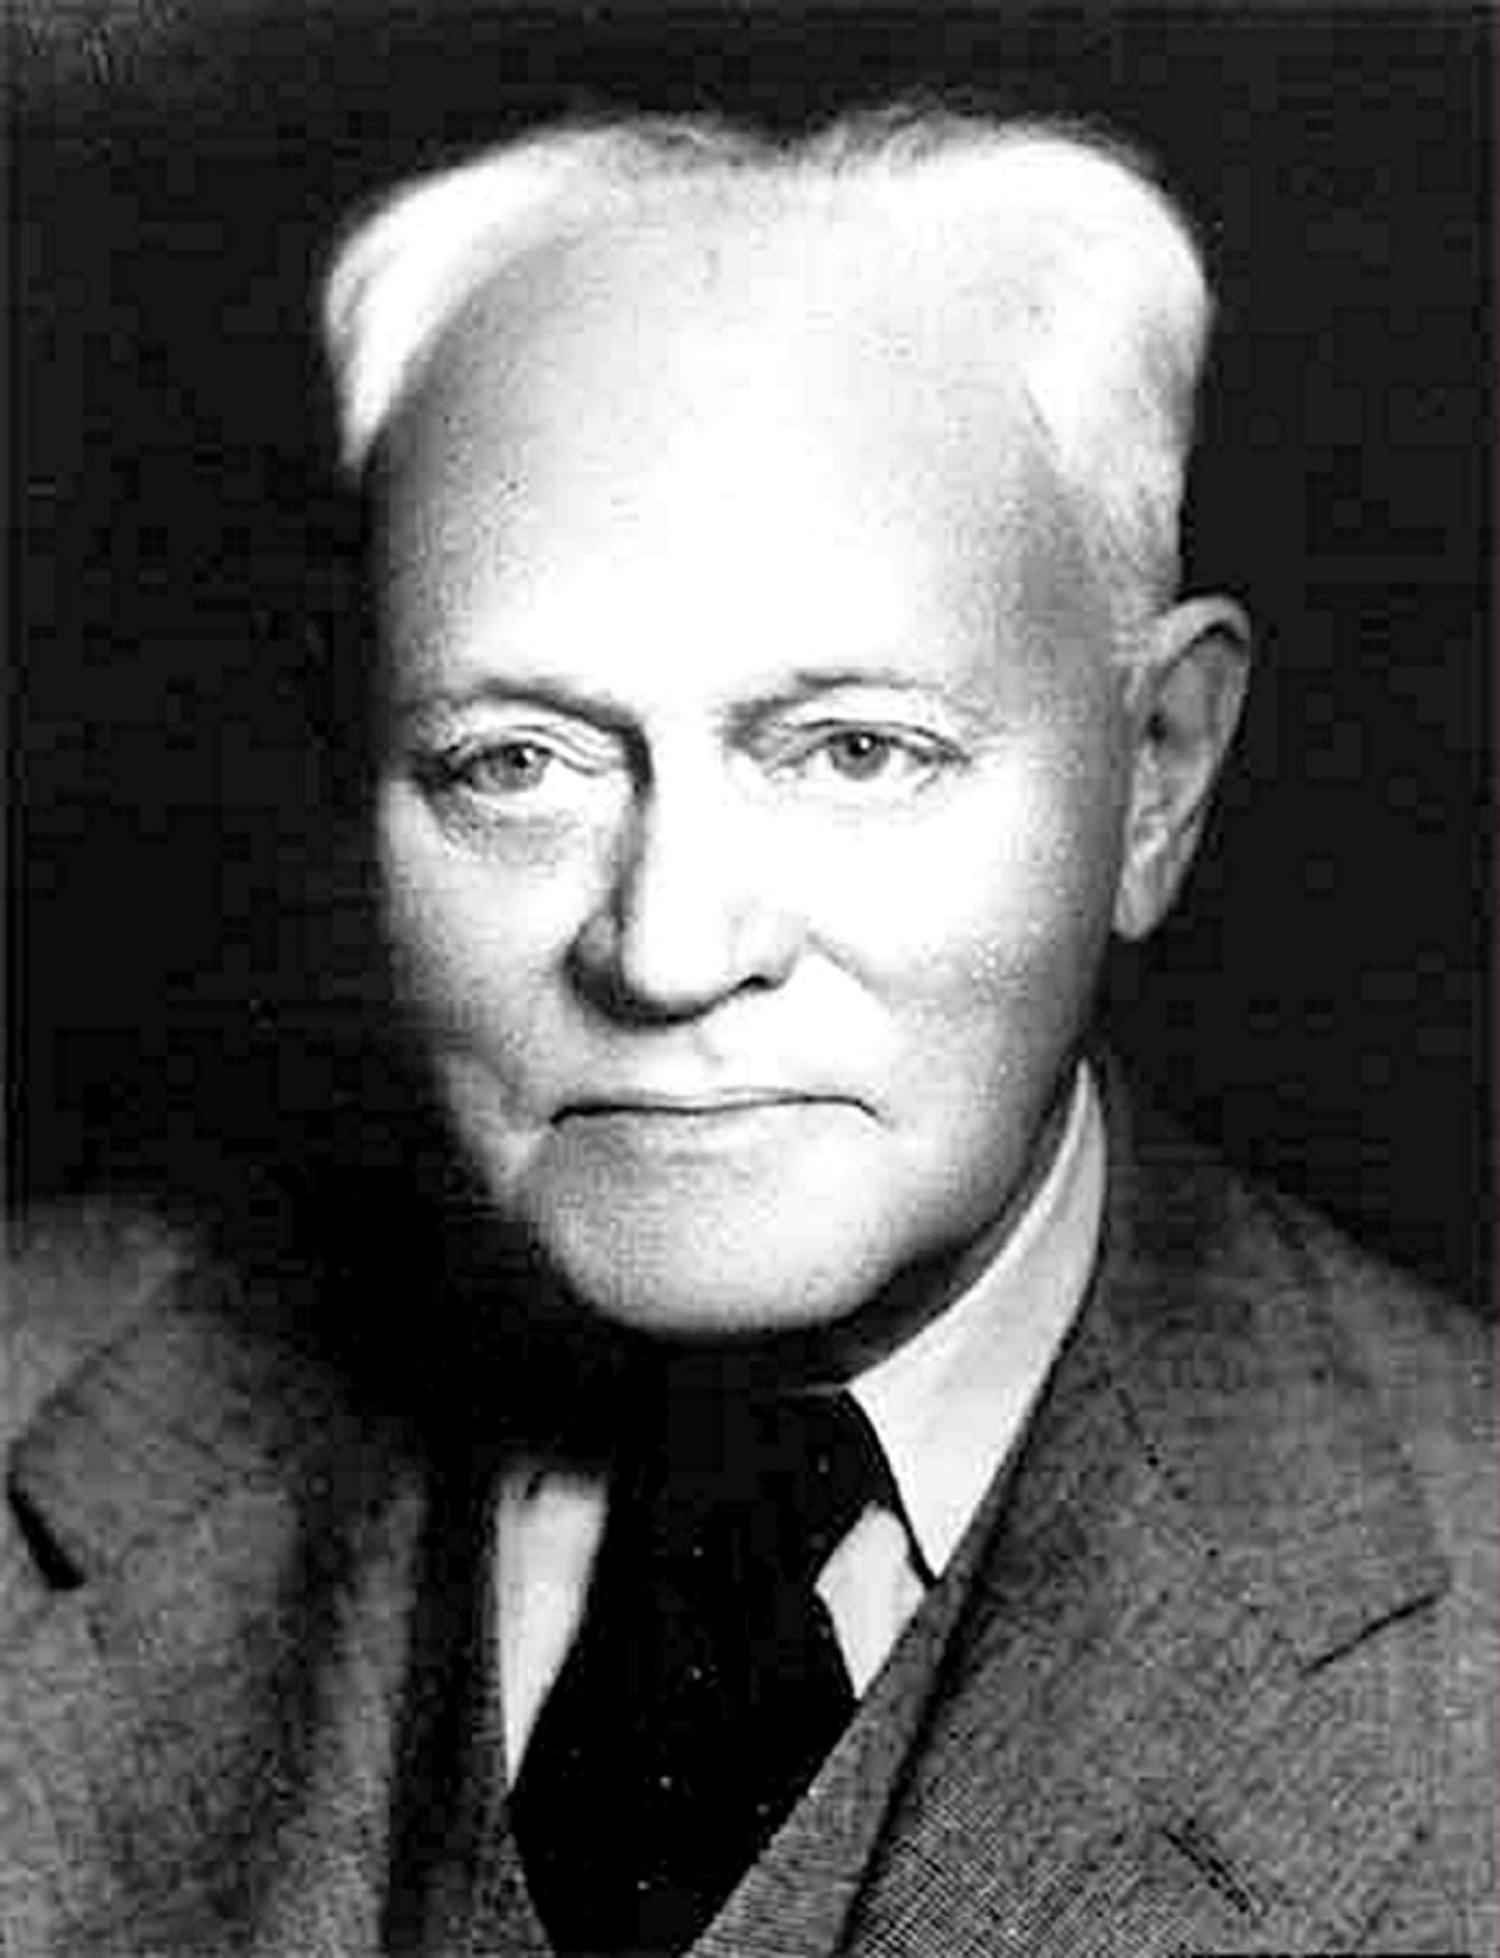 Dr. William D. Silkworth, który leczył Billa w Towns Hospital. Uświadomił mu, że alkoholizm nie jest upadkiem moralnym ale obsesją mentalną z alergią